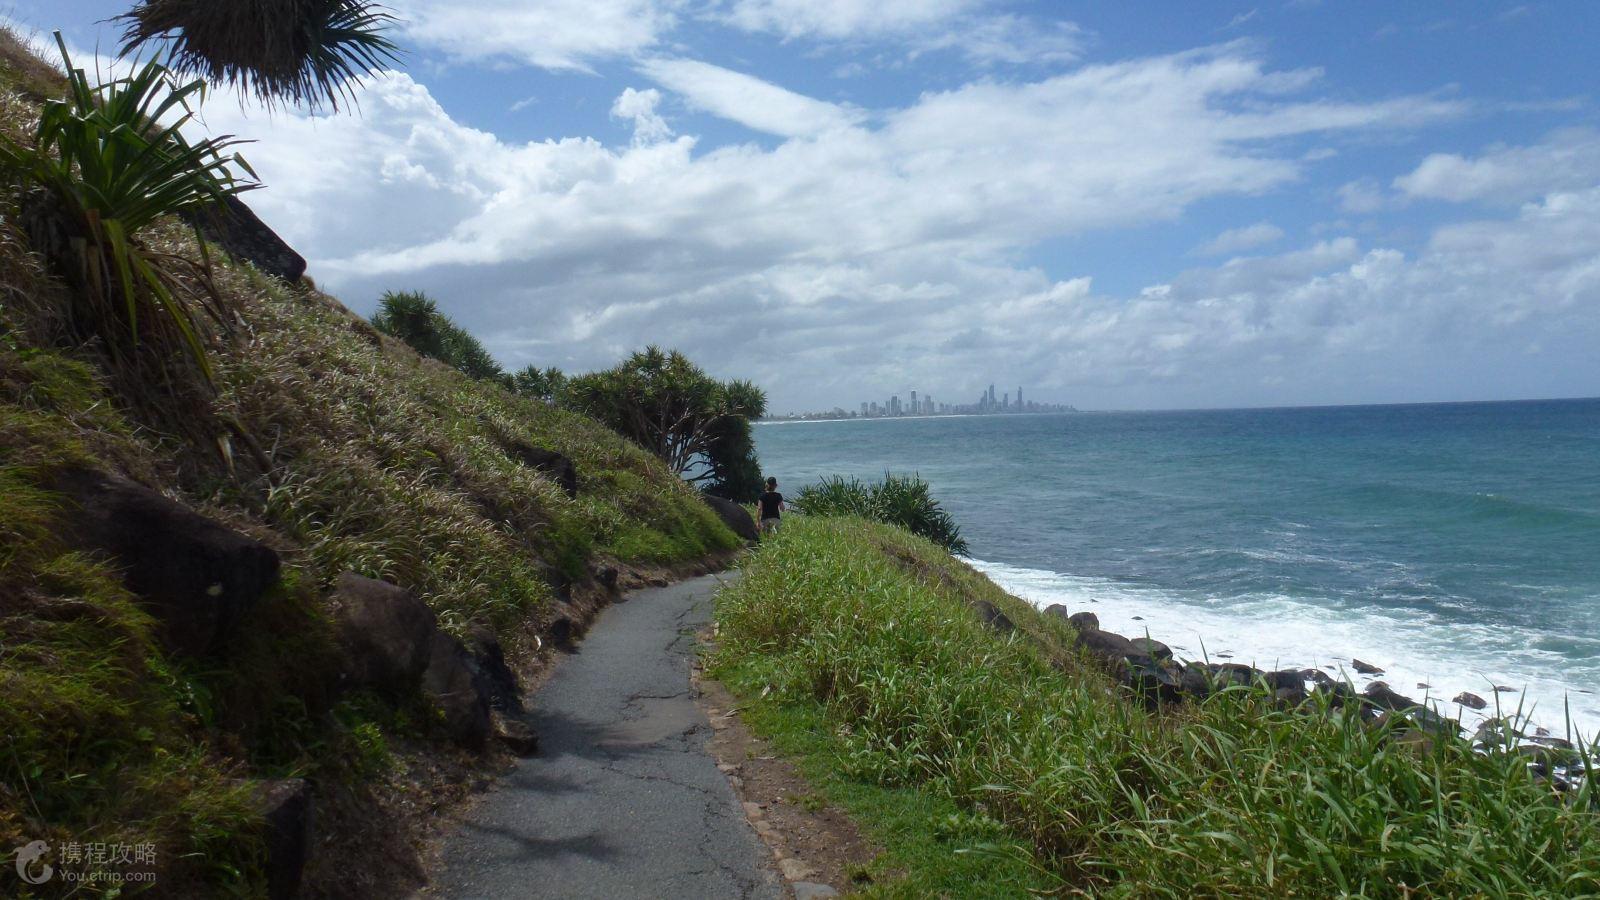 澳大利亚 黄金海岸 墨尔本 悉尼 蓝山 凯恩斯9日7晚跟